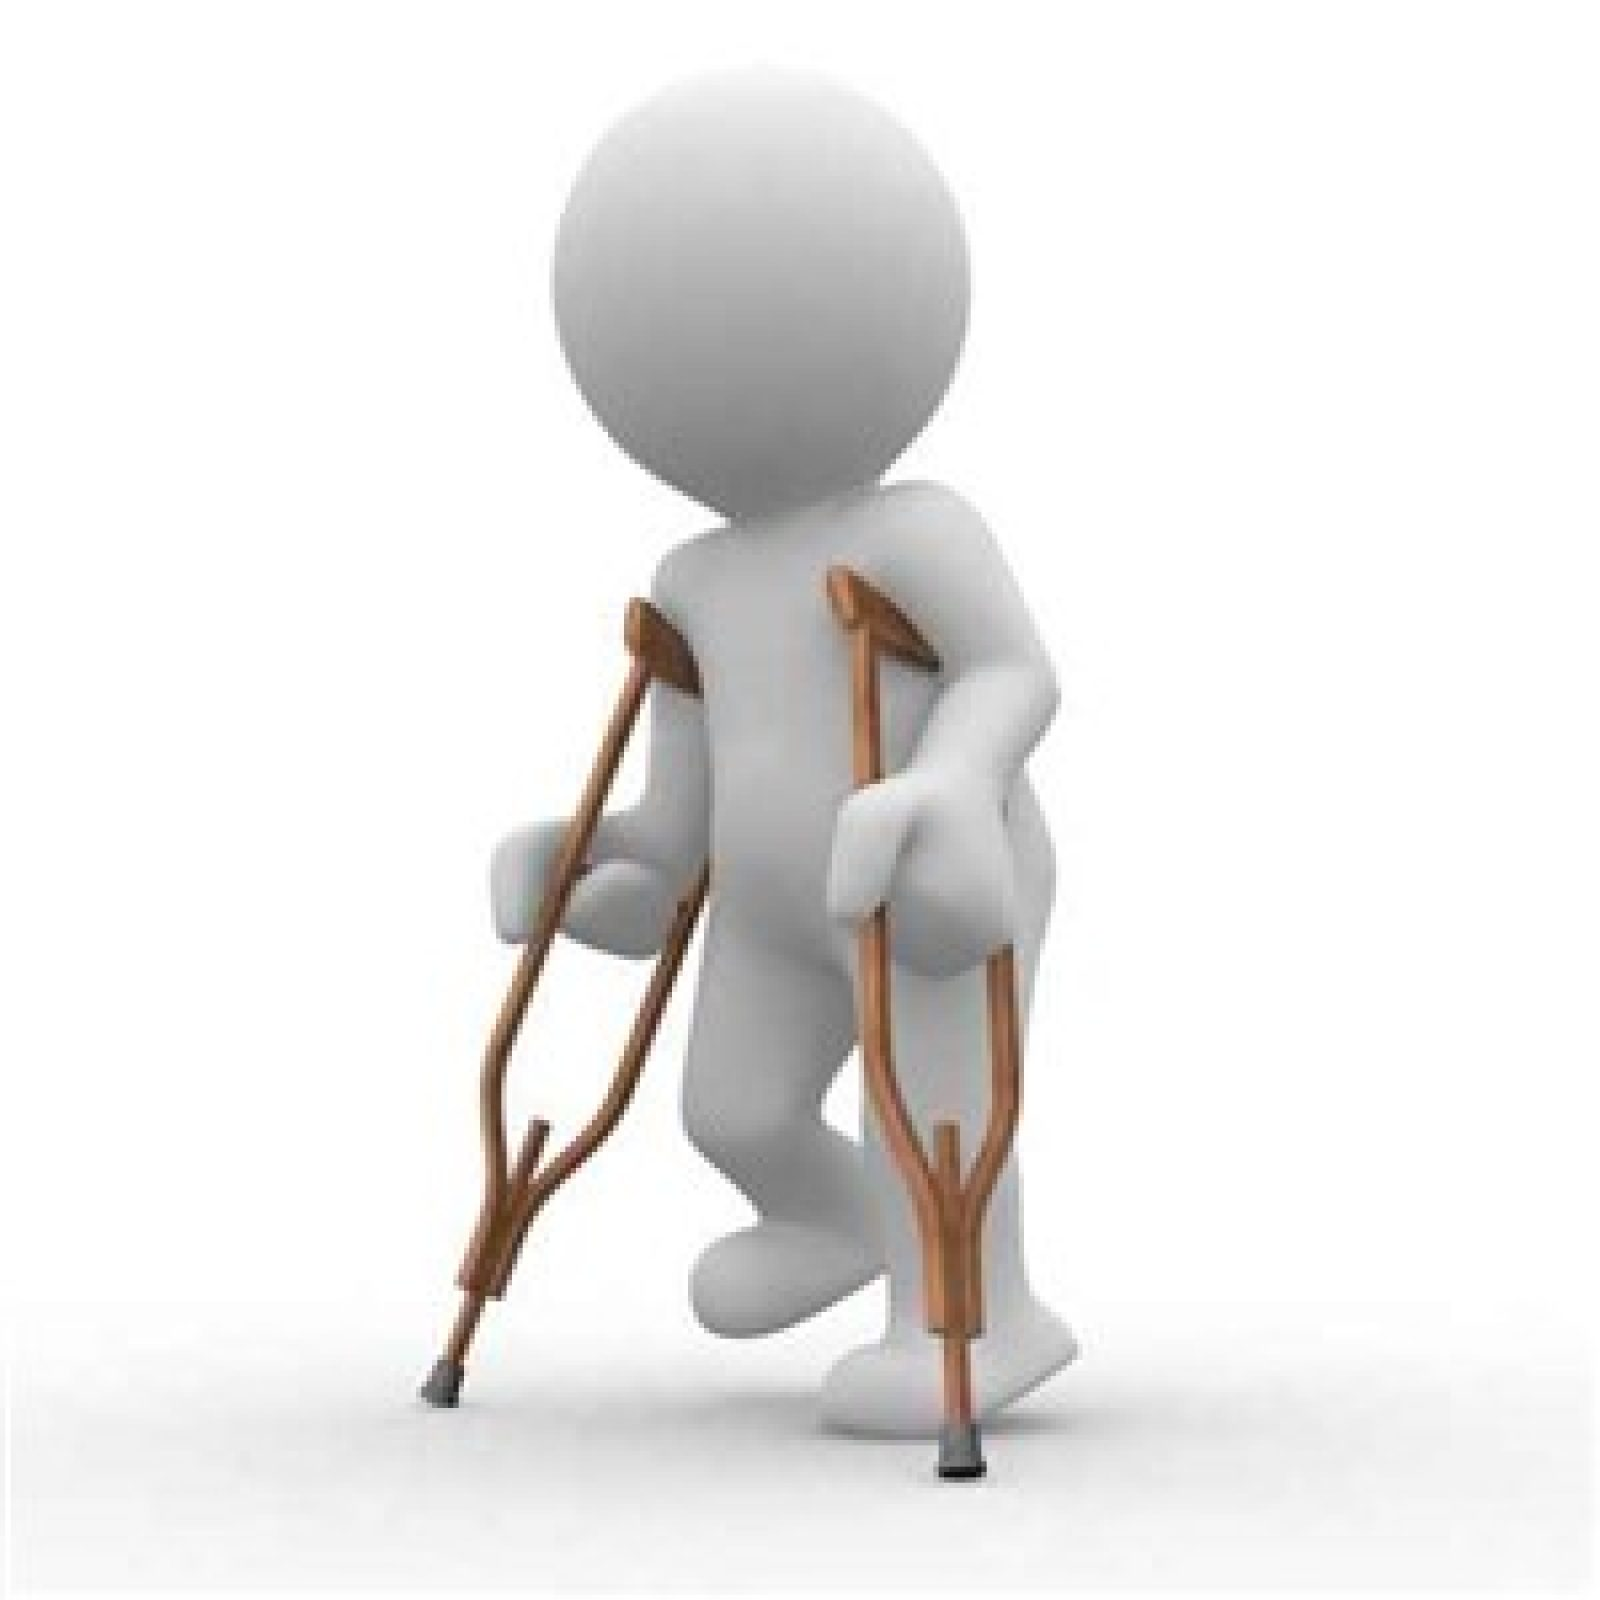 Equa riparazione per eccessiva durata del processo: nei procedimenti fallimentari occorre avere riguardo al momento di ammissione al passivo